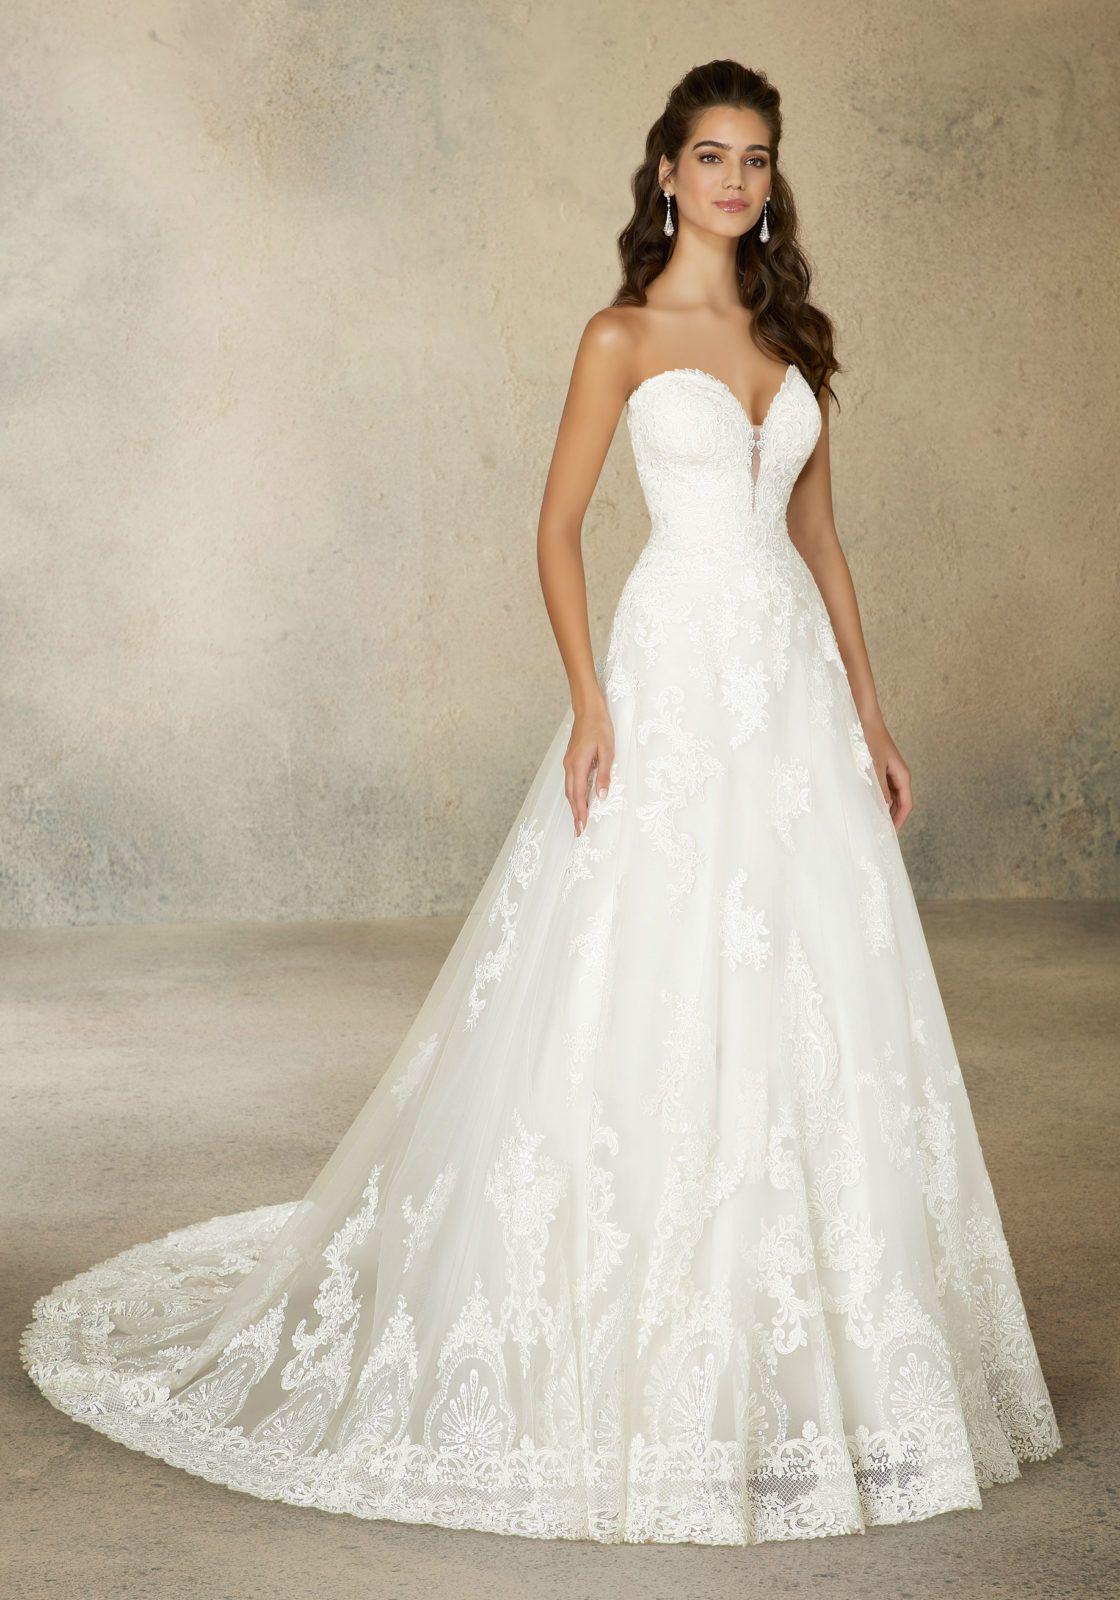 Rosabel Wedding Dress Morilee Wedding Dresses Bridal Dresses